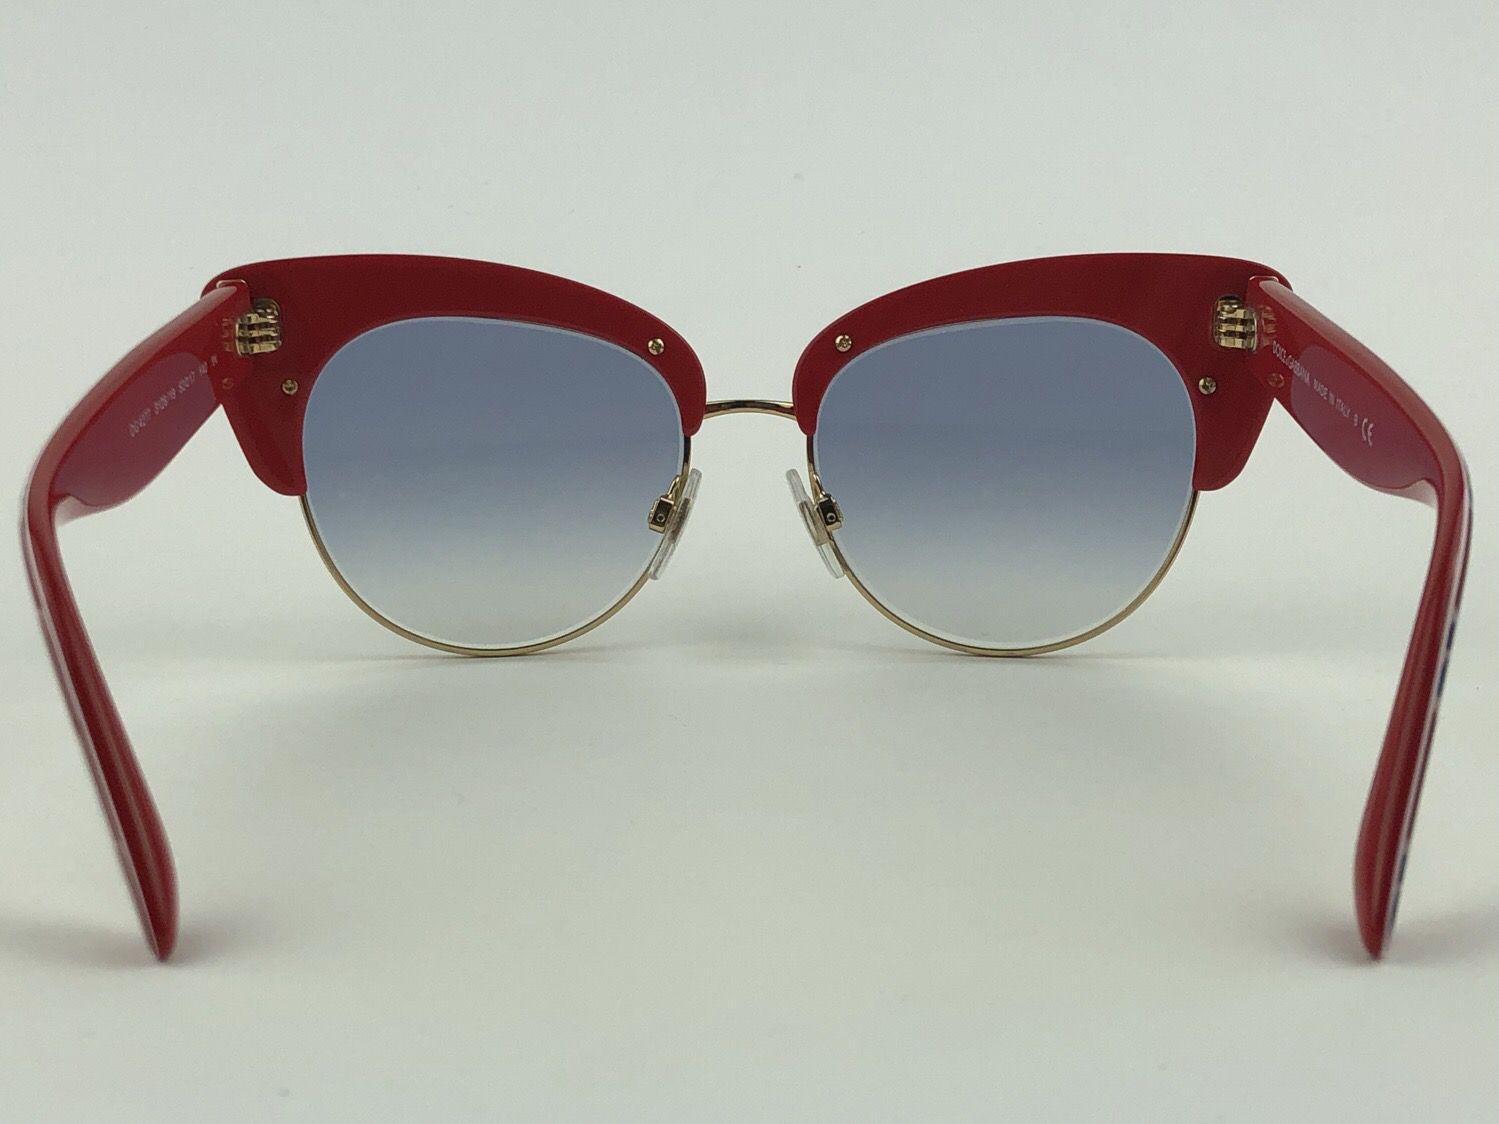 Dolce & Gabbana - DG4277 - Estampado - 3128/19 - 52/17 - Óculos de sol